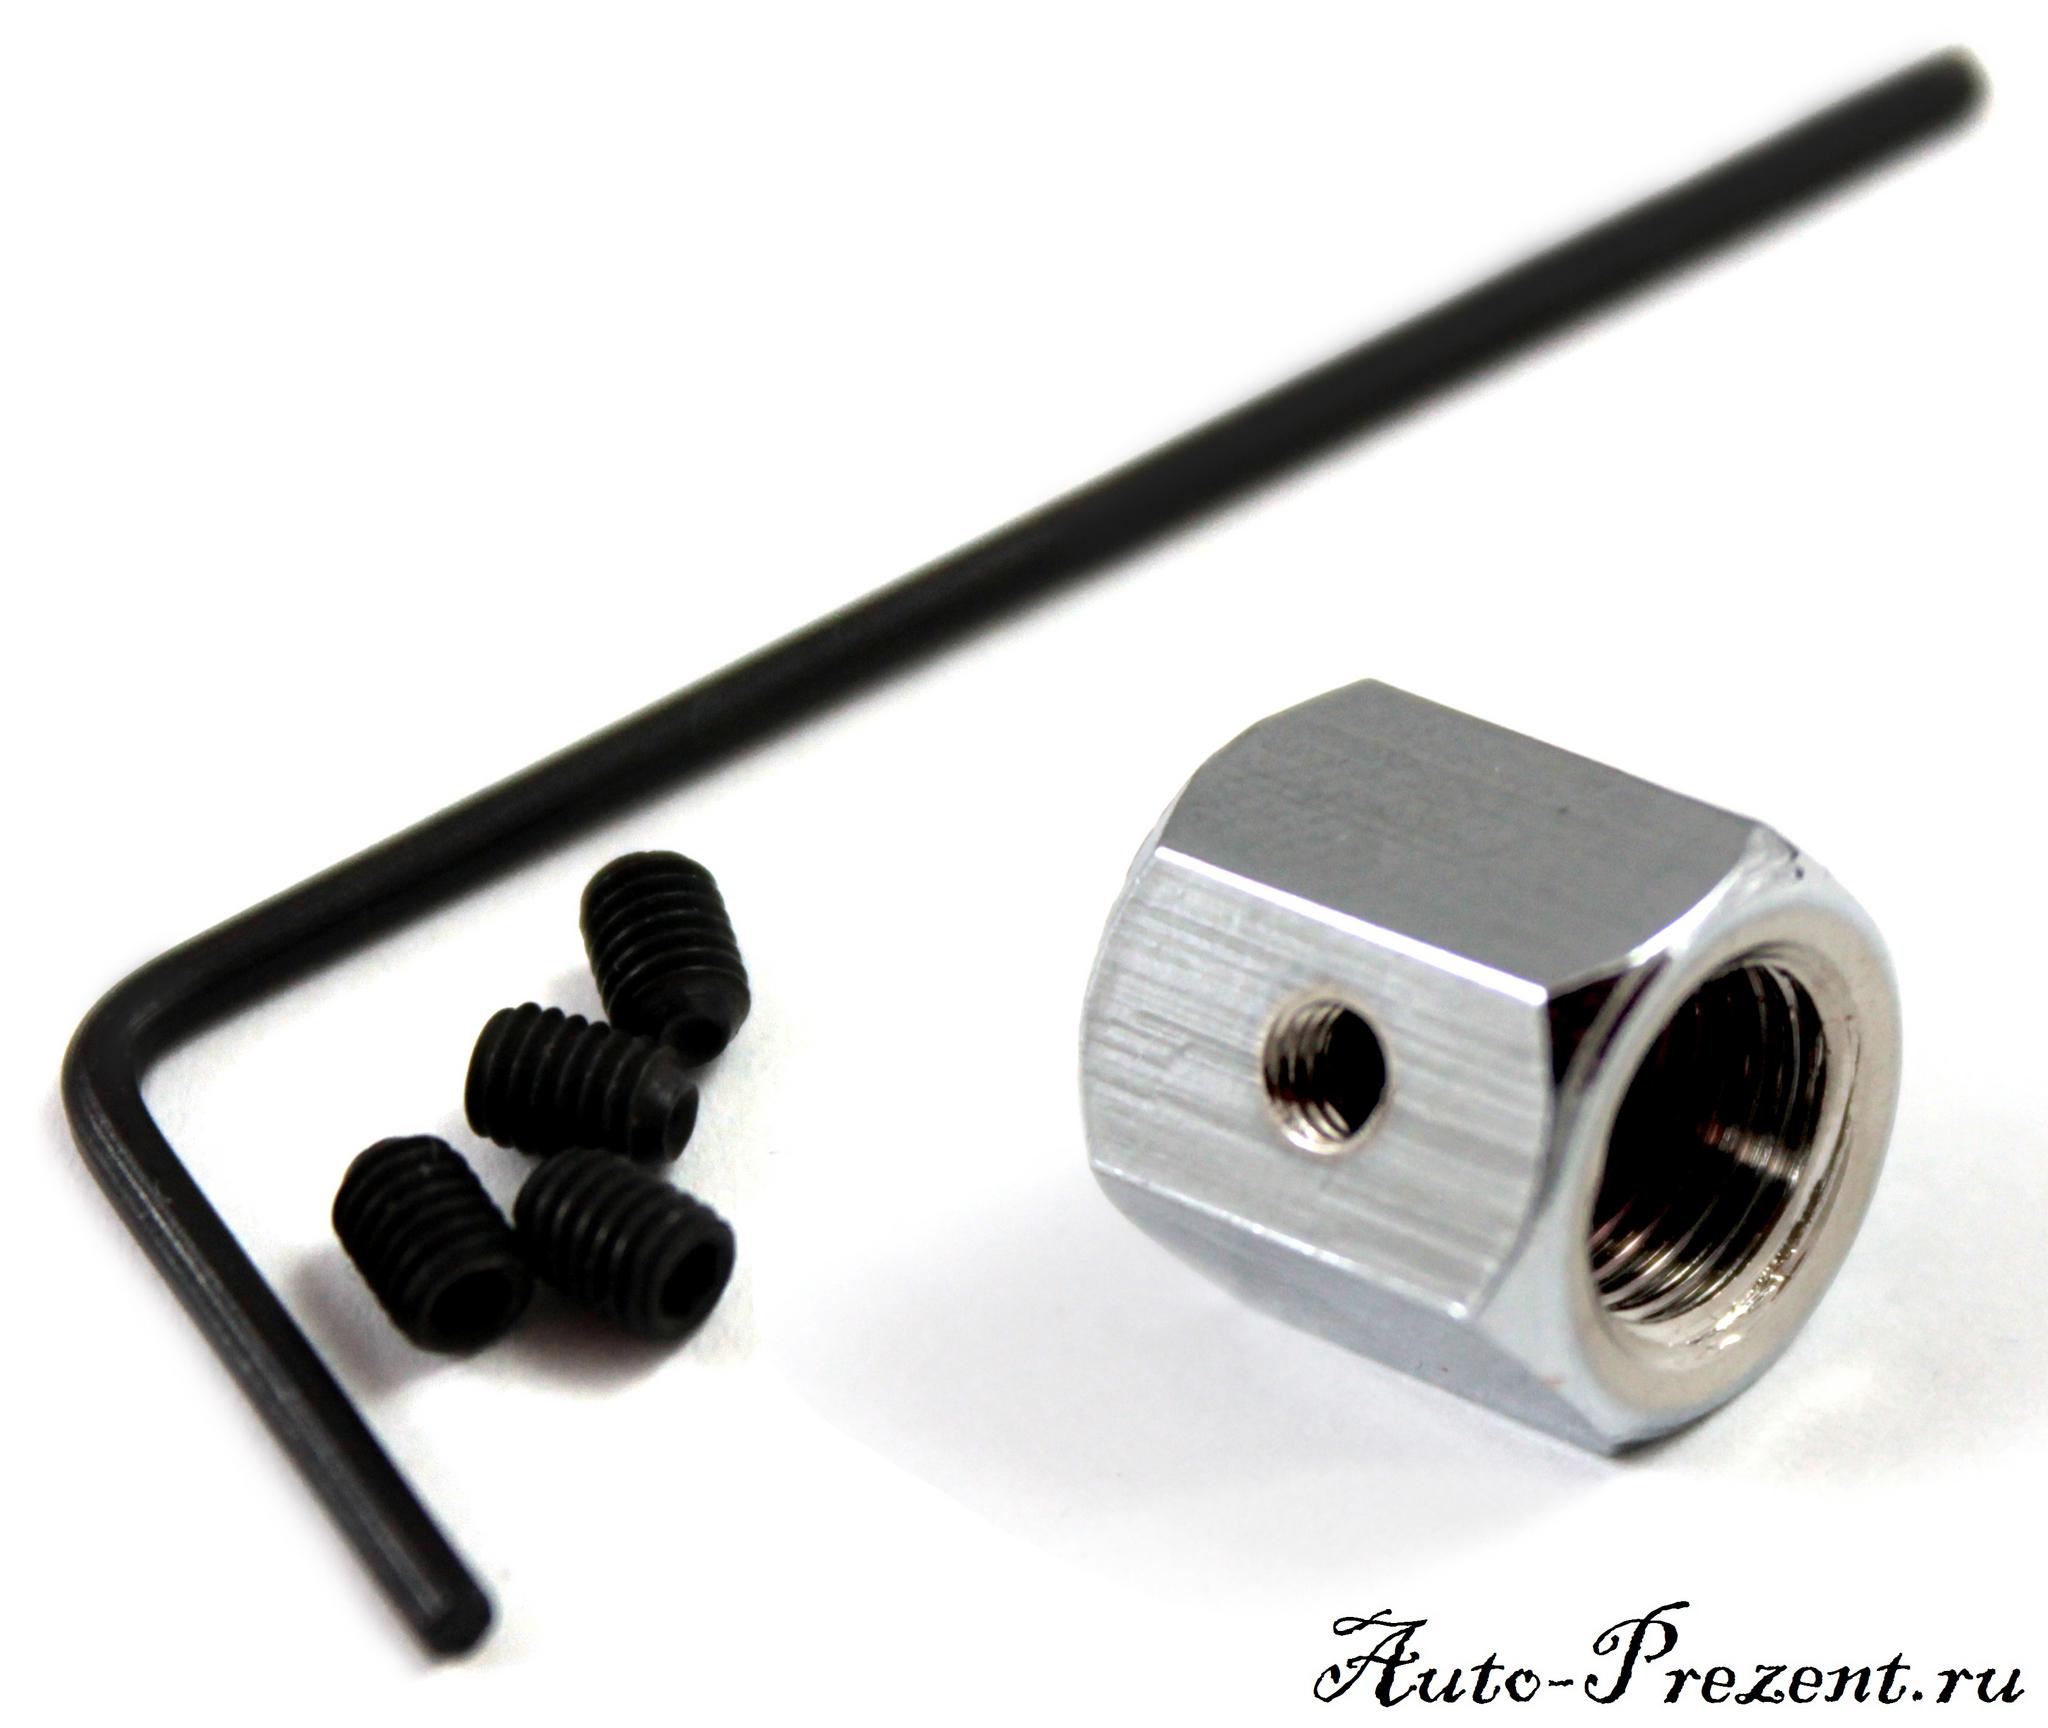 Колпачки на ниппель SUBARU с защитой от кражи